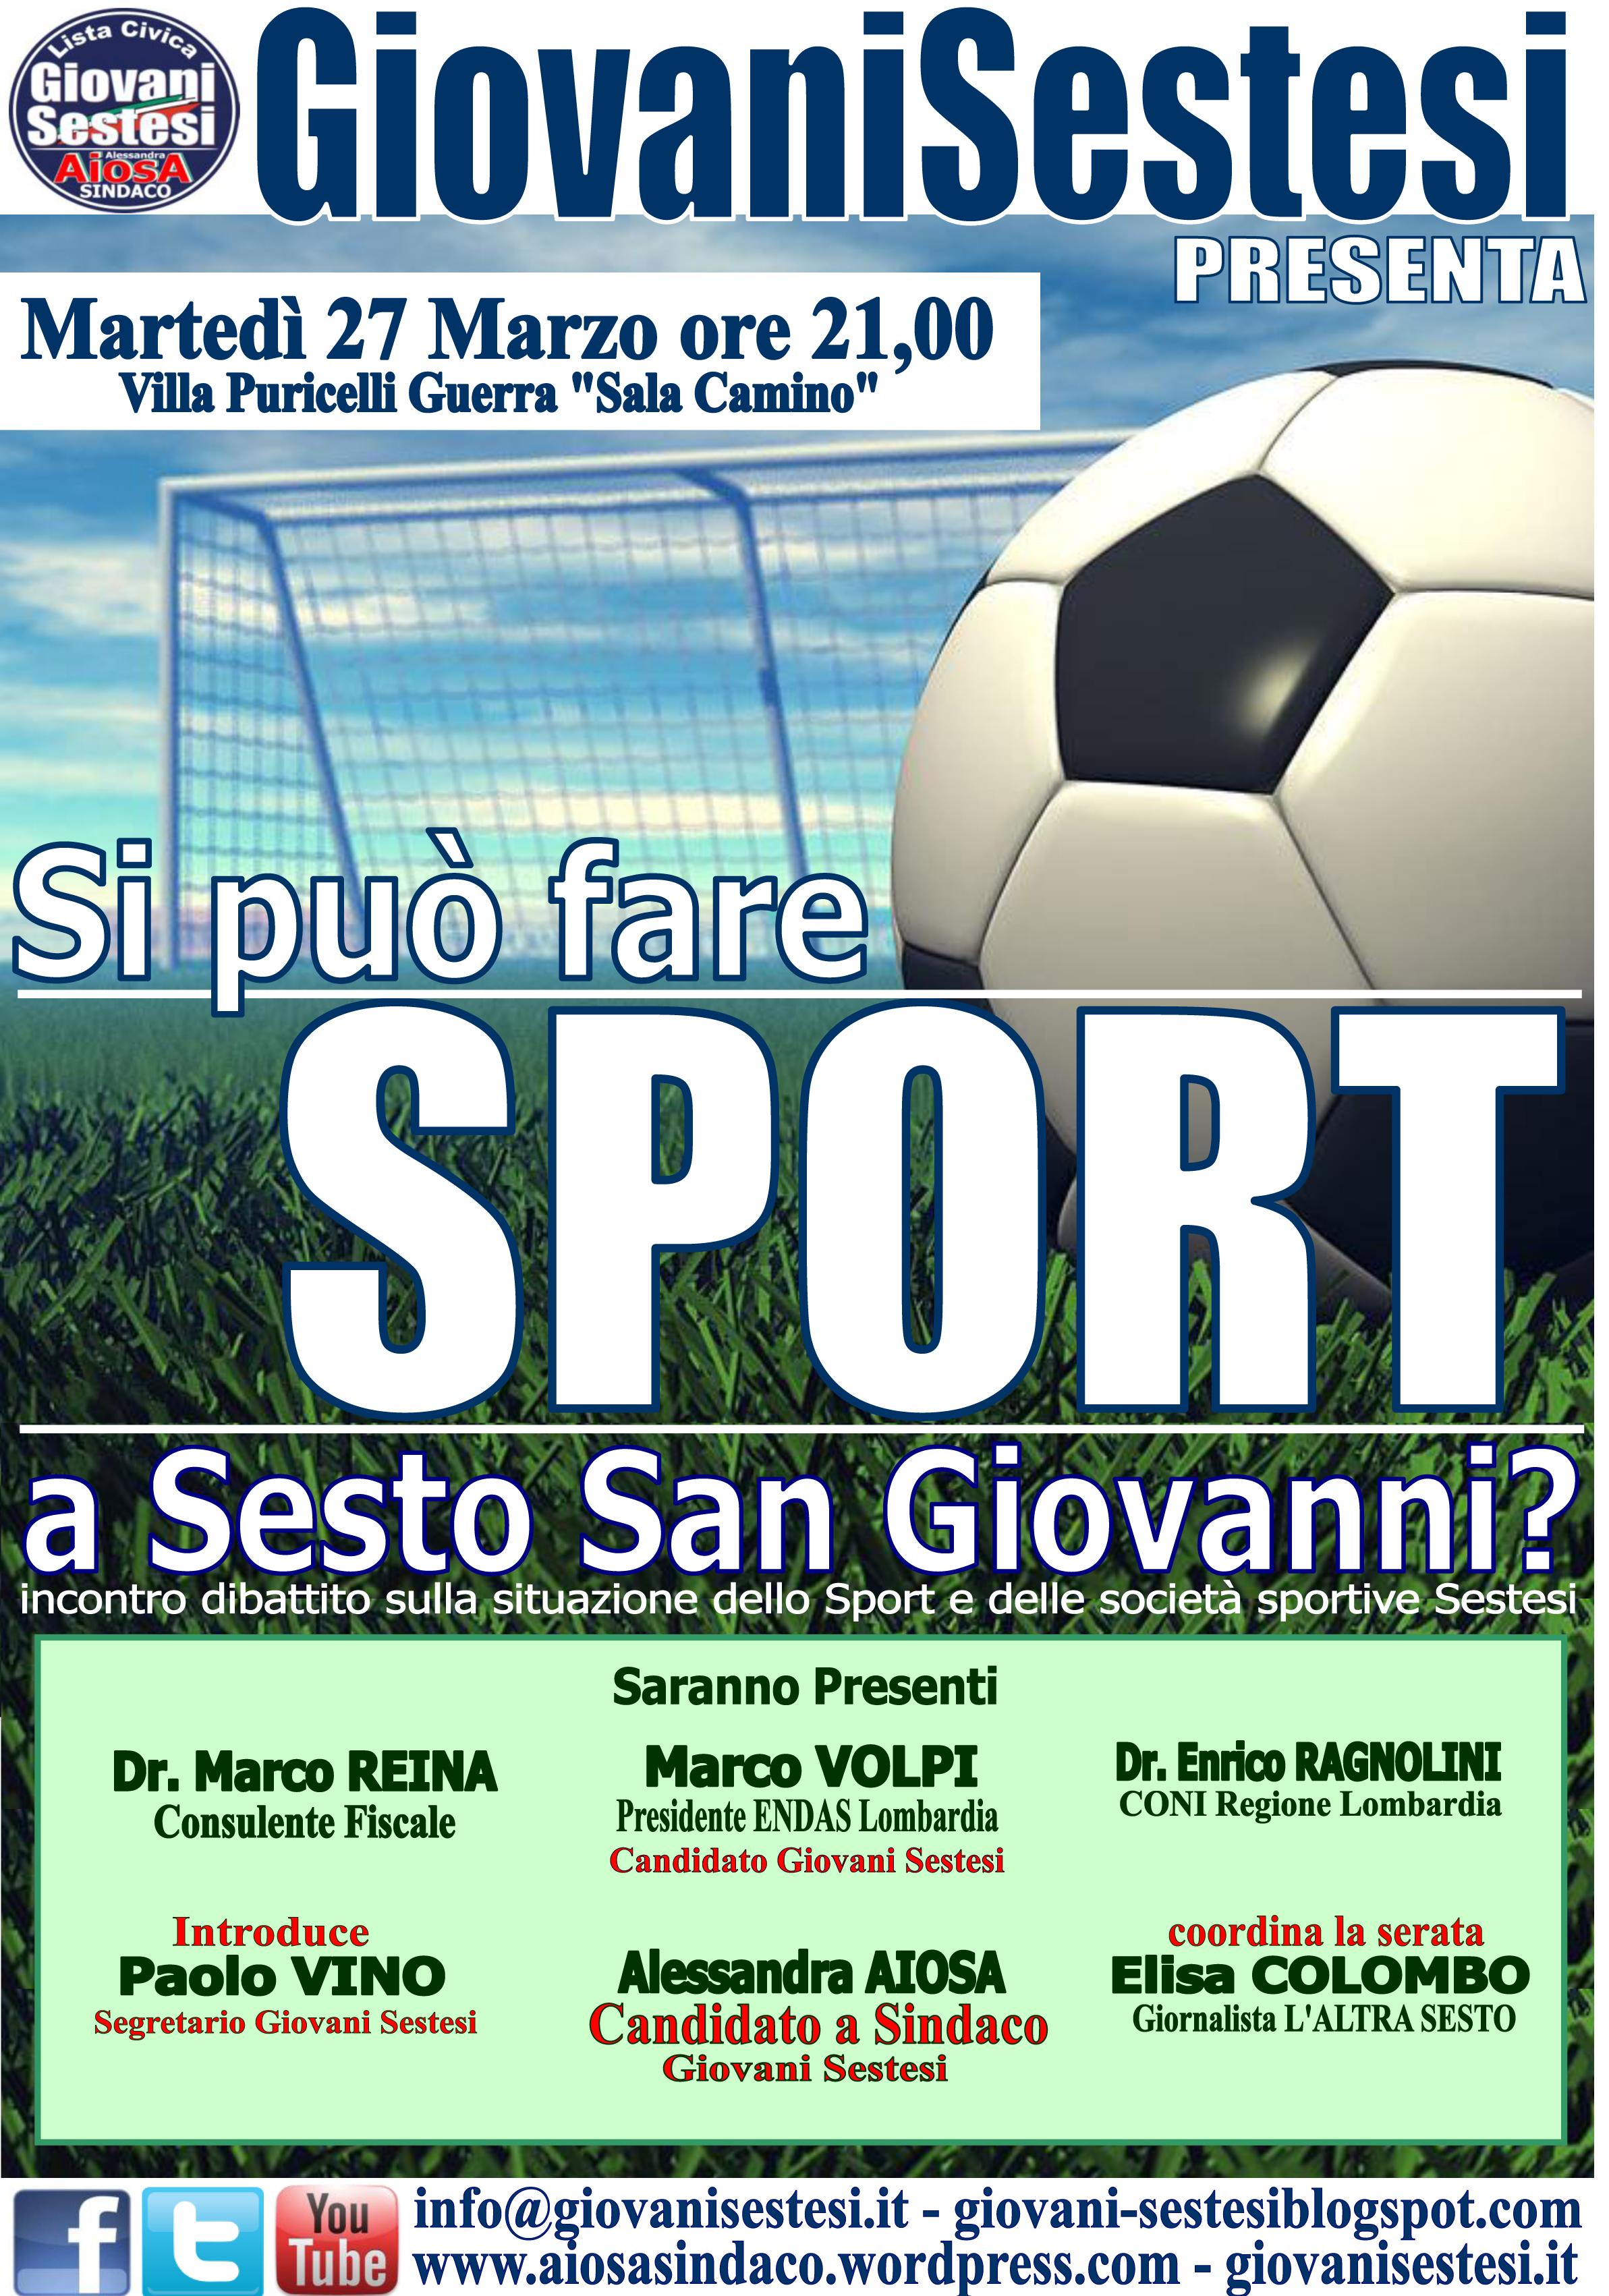 Sesto dibattito sullo sport e gestione delle strutture for Villa puricelli